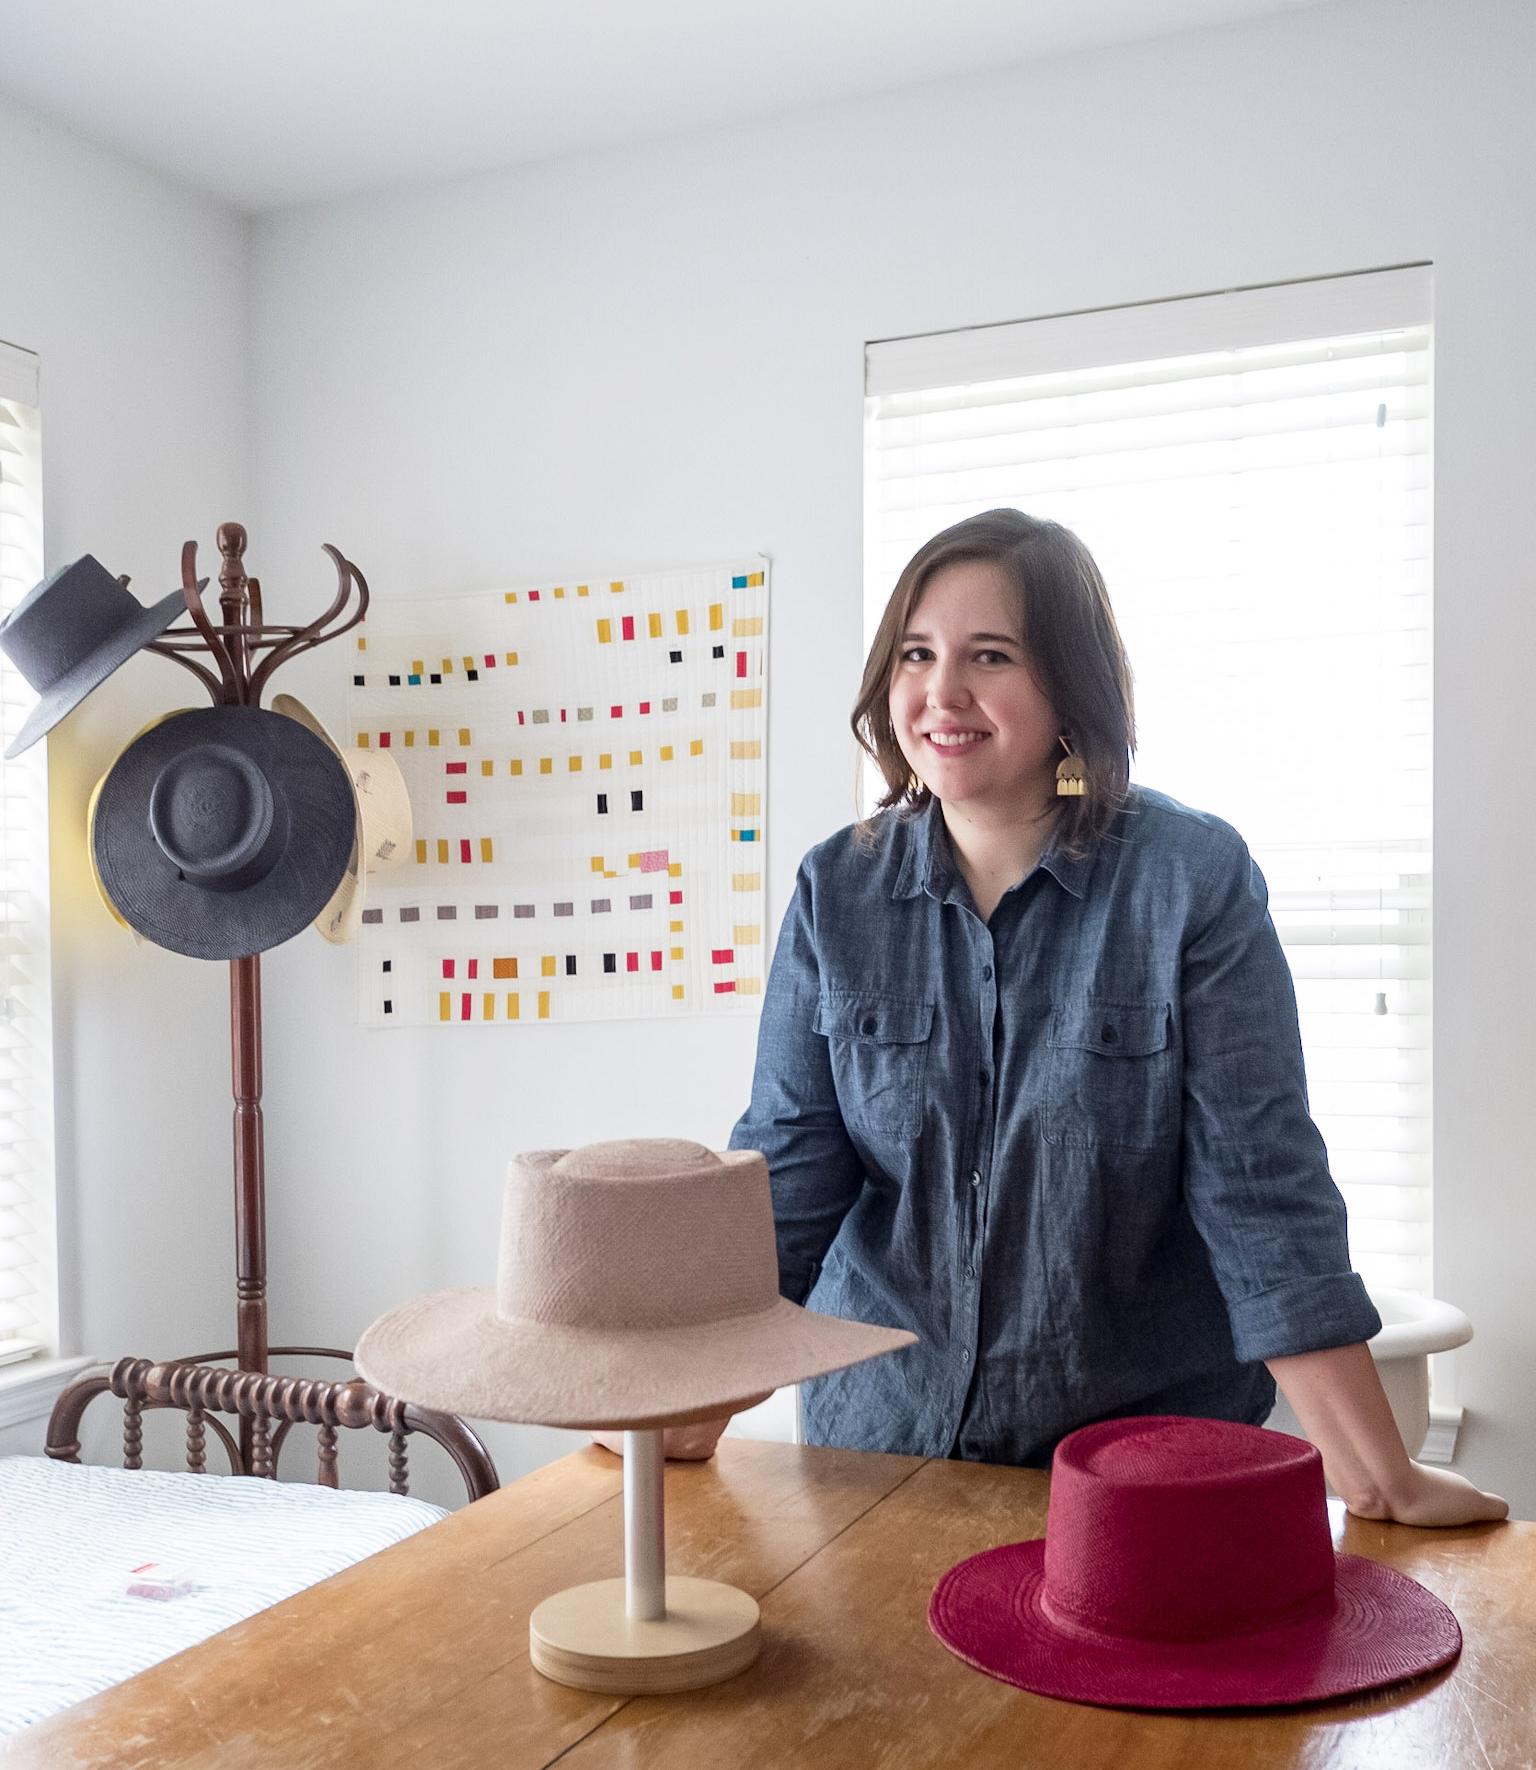 Designer Anna Zeitlin